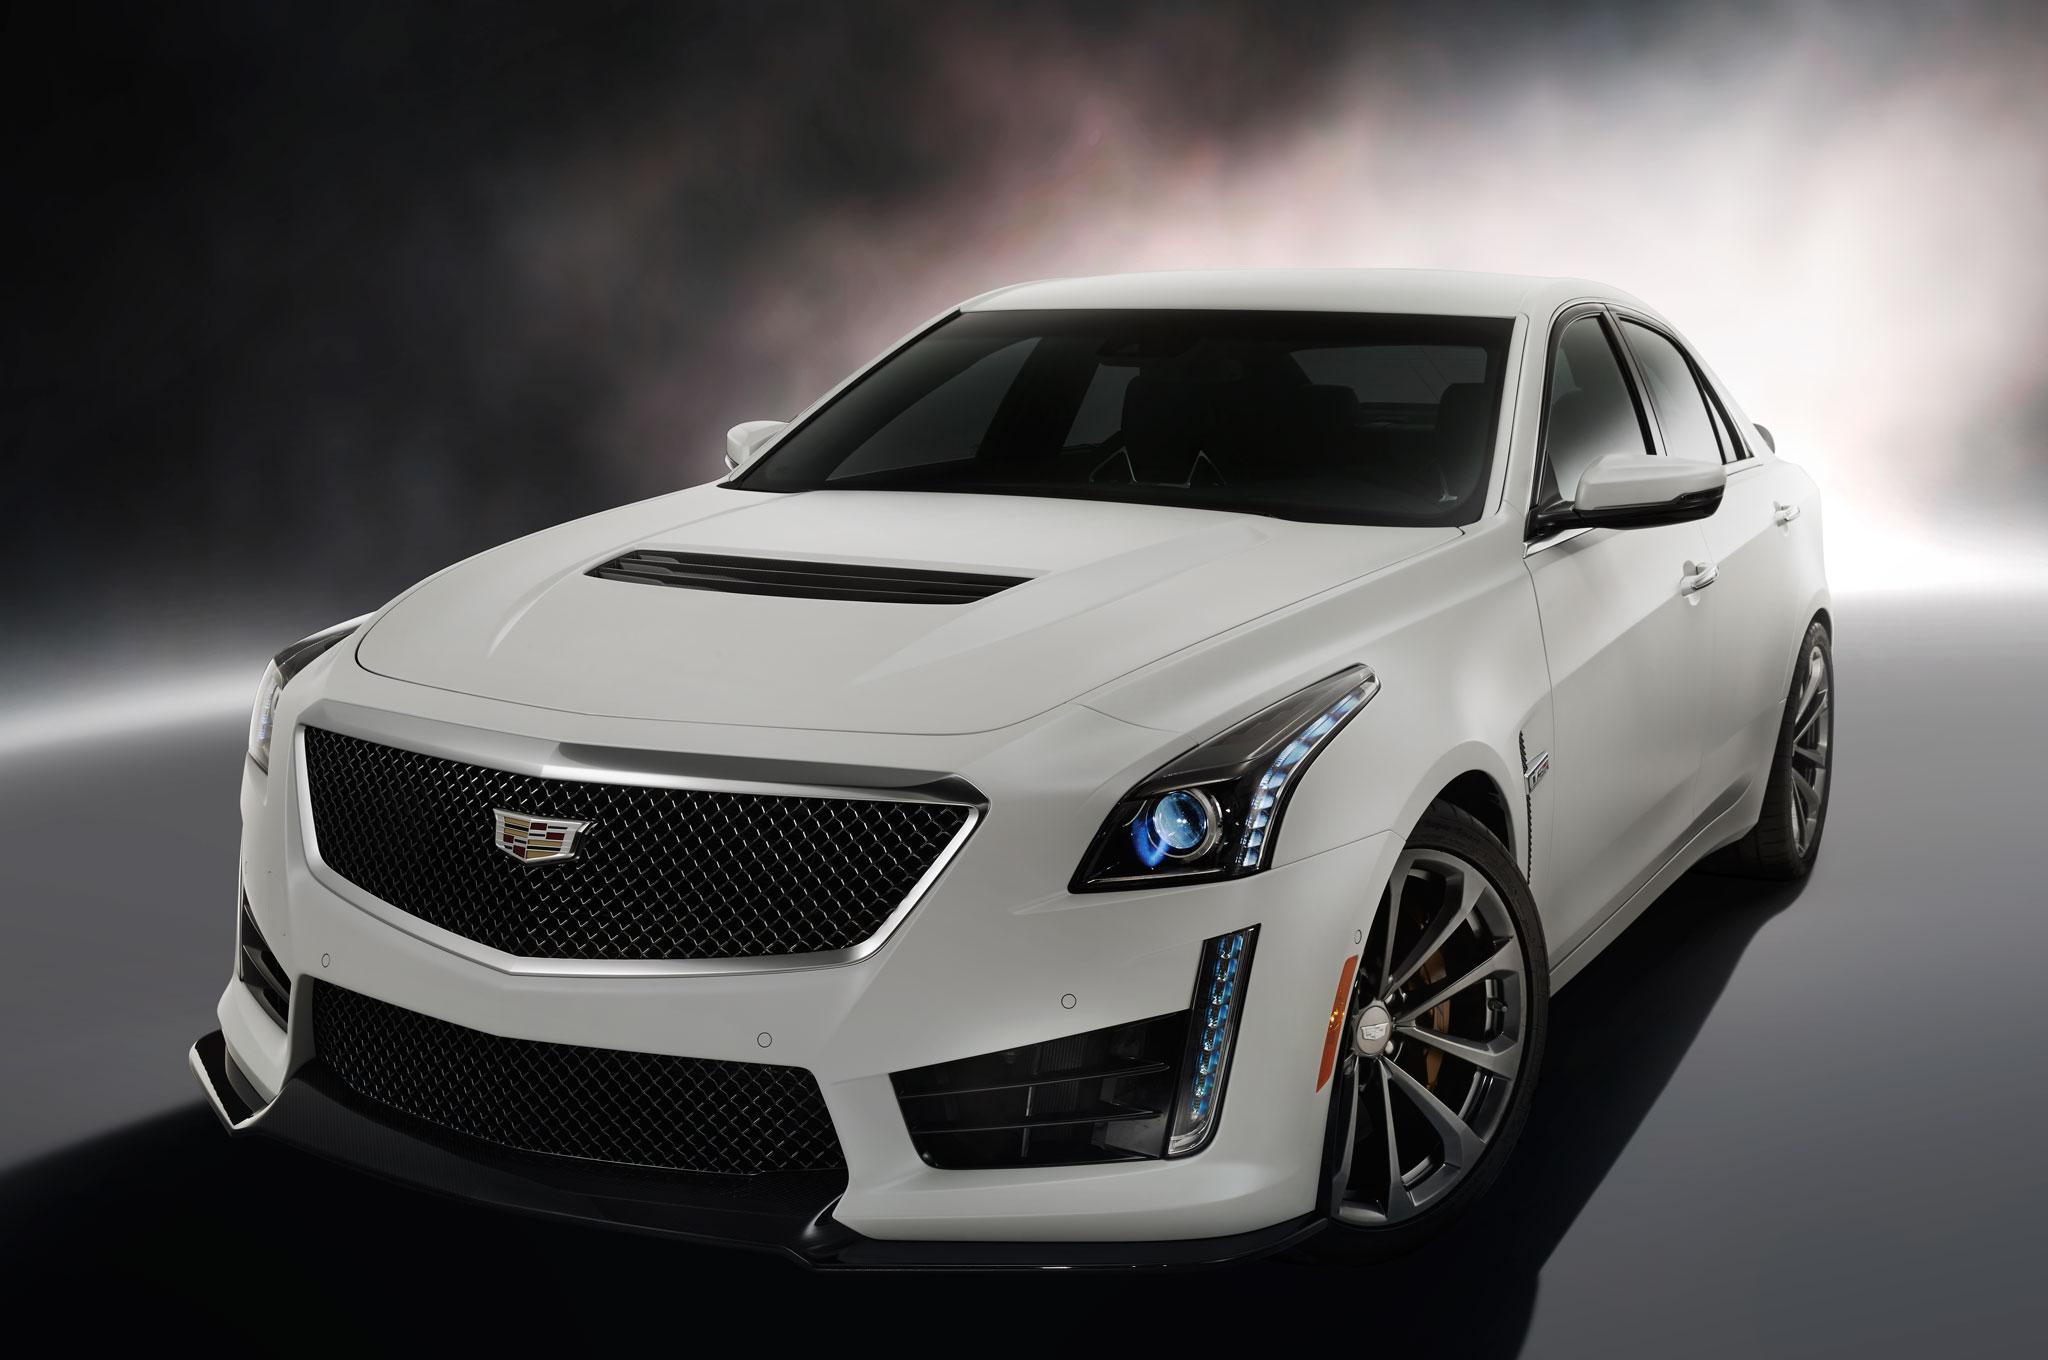 top 10 ugliest cars for 2016 4wheel online blog automotive news. Black Bedroom Furniture Sets. Home Design Ideas